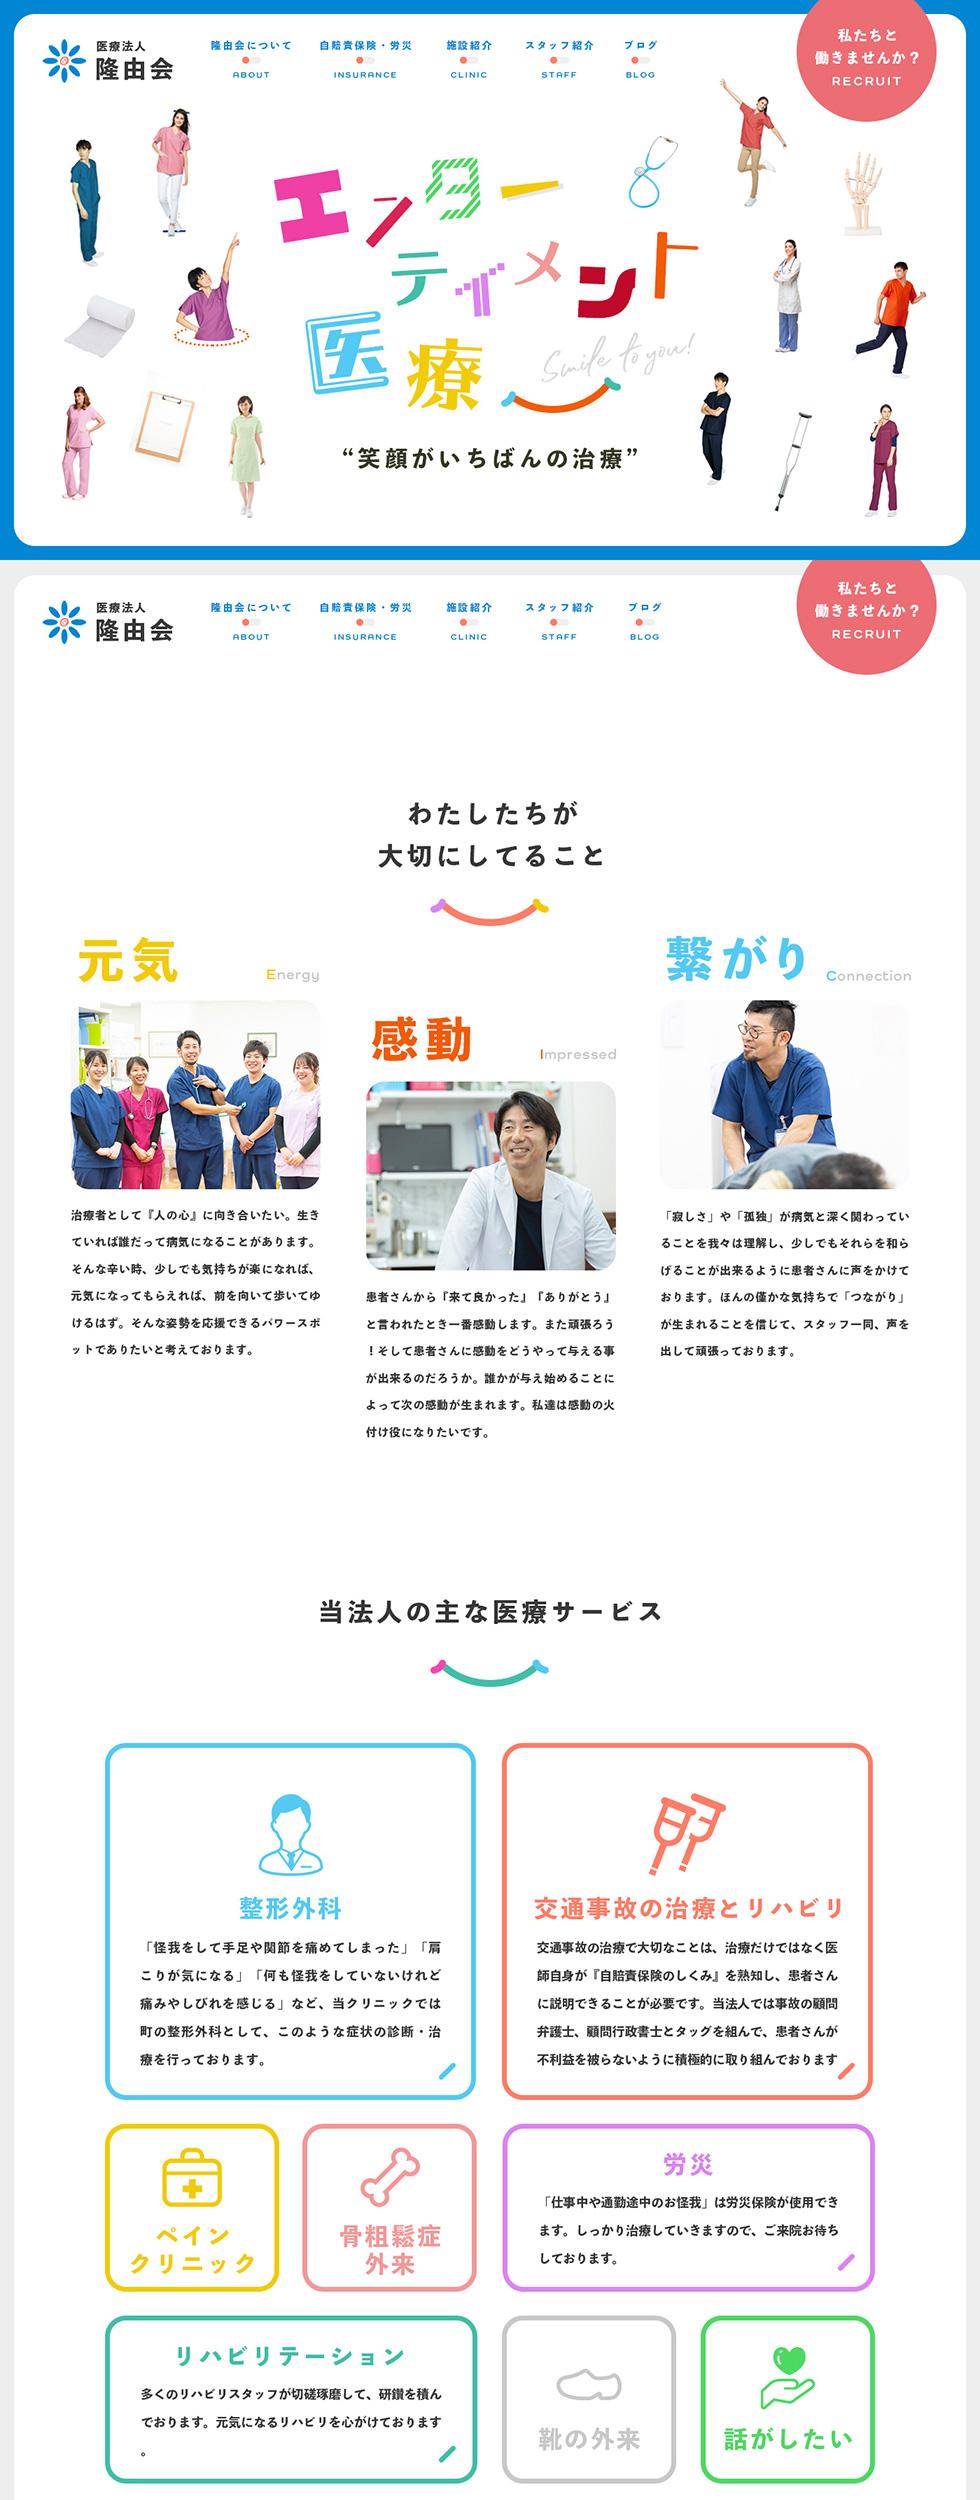 医療法人隆由会サイトイメージ